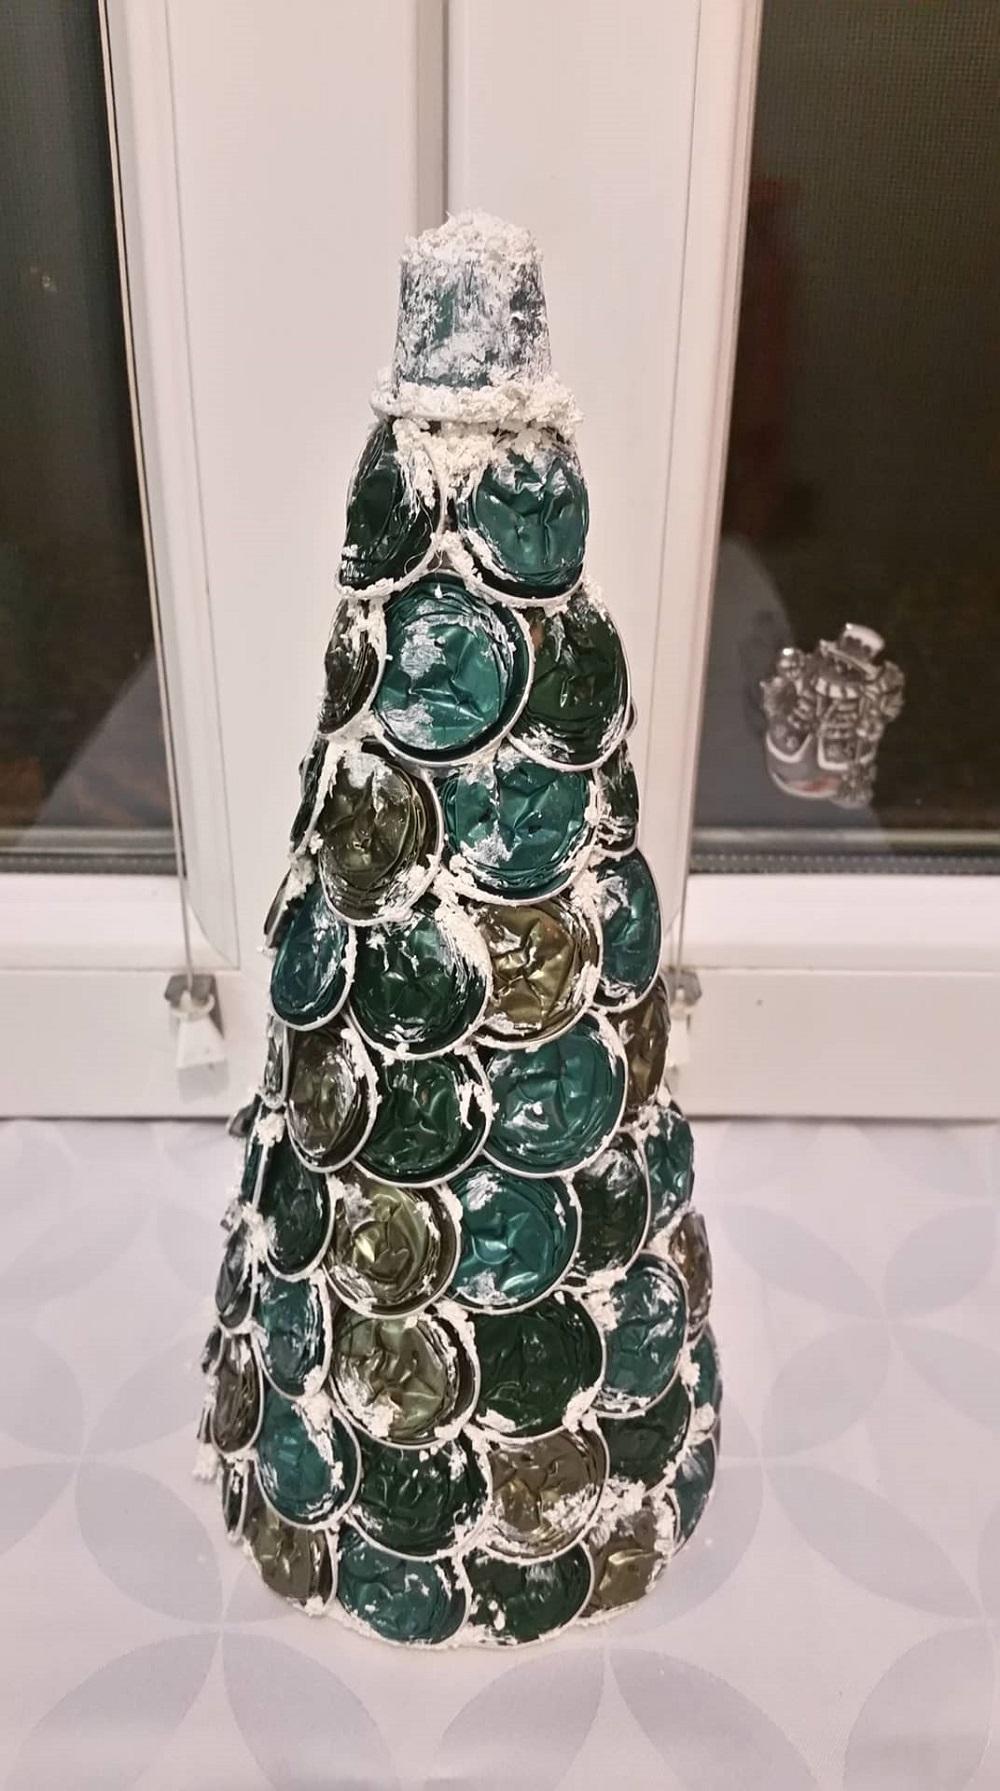 kávékapszula újrahasznosítás Hópaszta is felkerül a kávékapszulából készülő karácsonyfánkra.